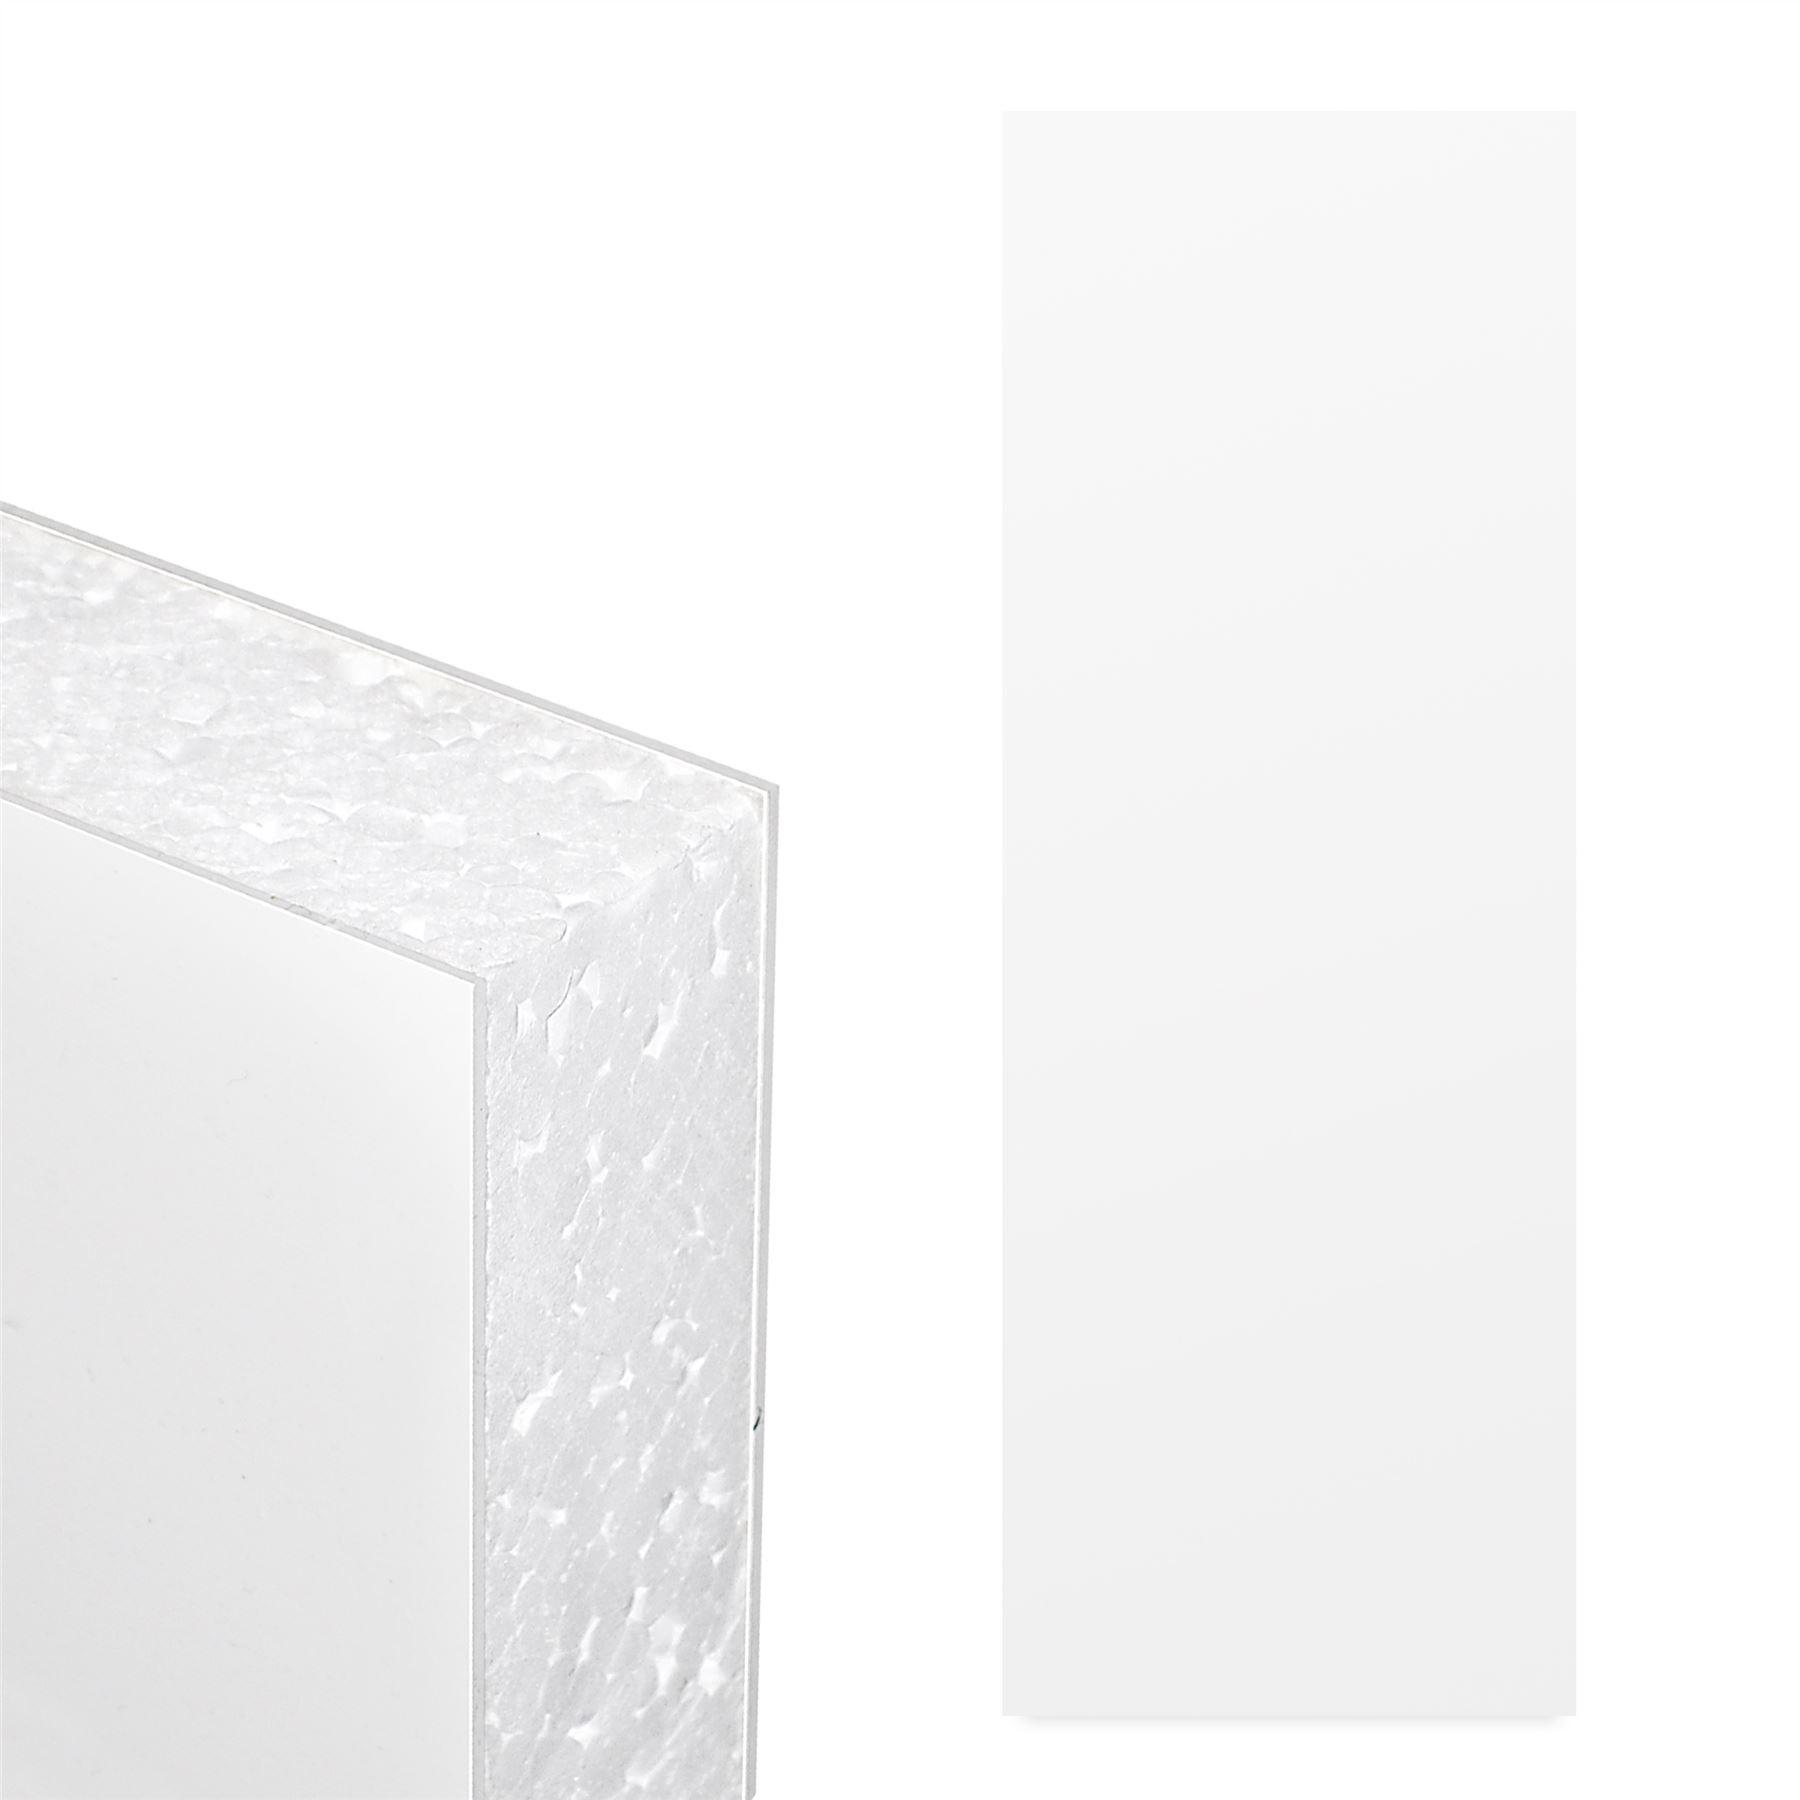 Pvc Foam Doors : White upvc flat door panel mm thick plastic